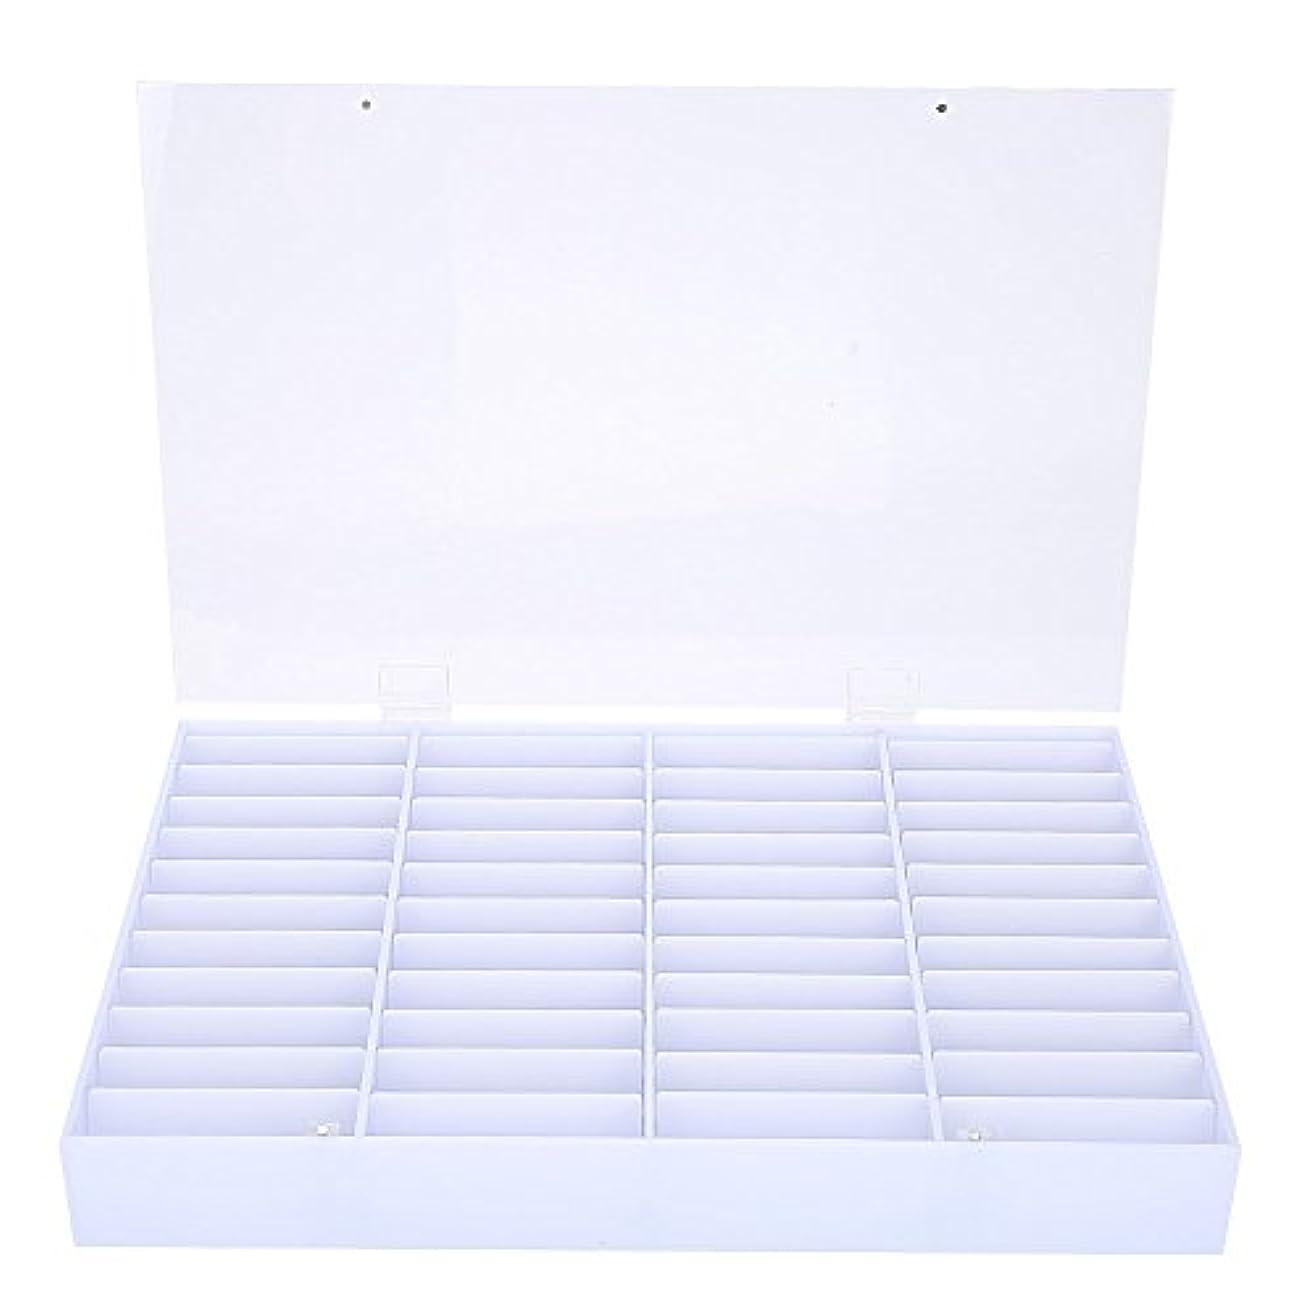 ほこりっぽい段階ショップネイル収納ボックス、空のネイルのヒント収納ボックスクリアネイルアート装飾コンテナフェイクネイルディスプレイケース、空の収納ボックスネイルアート